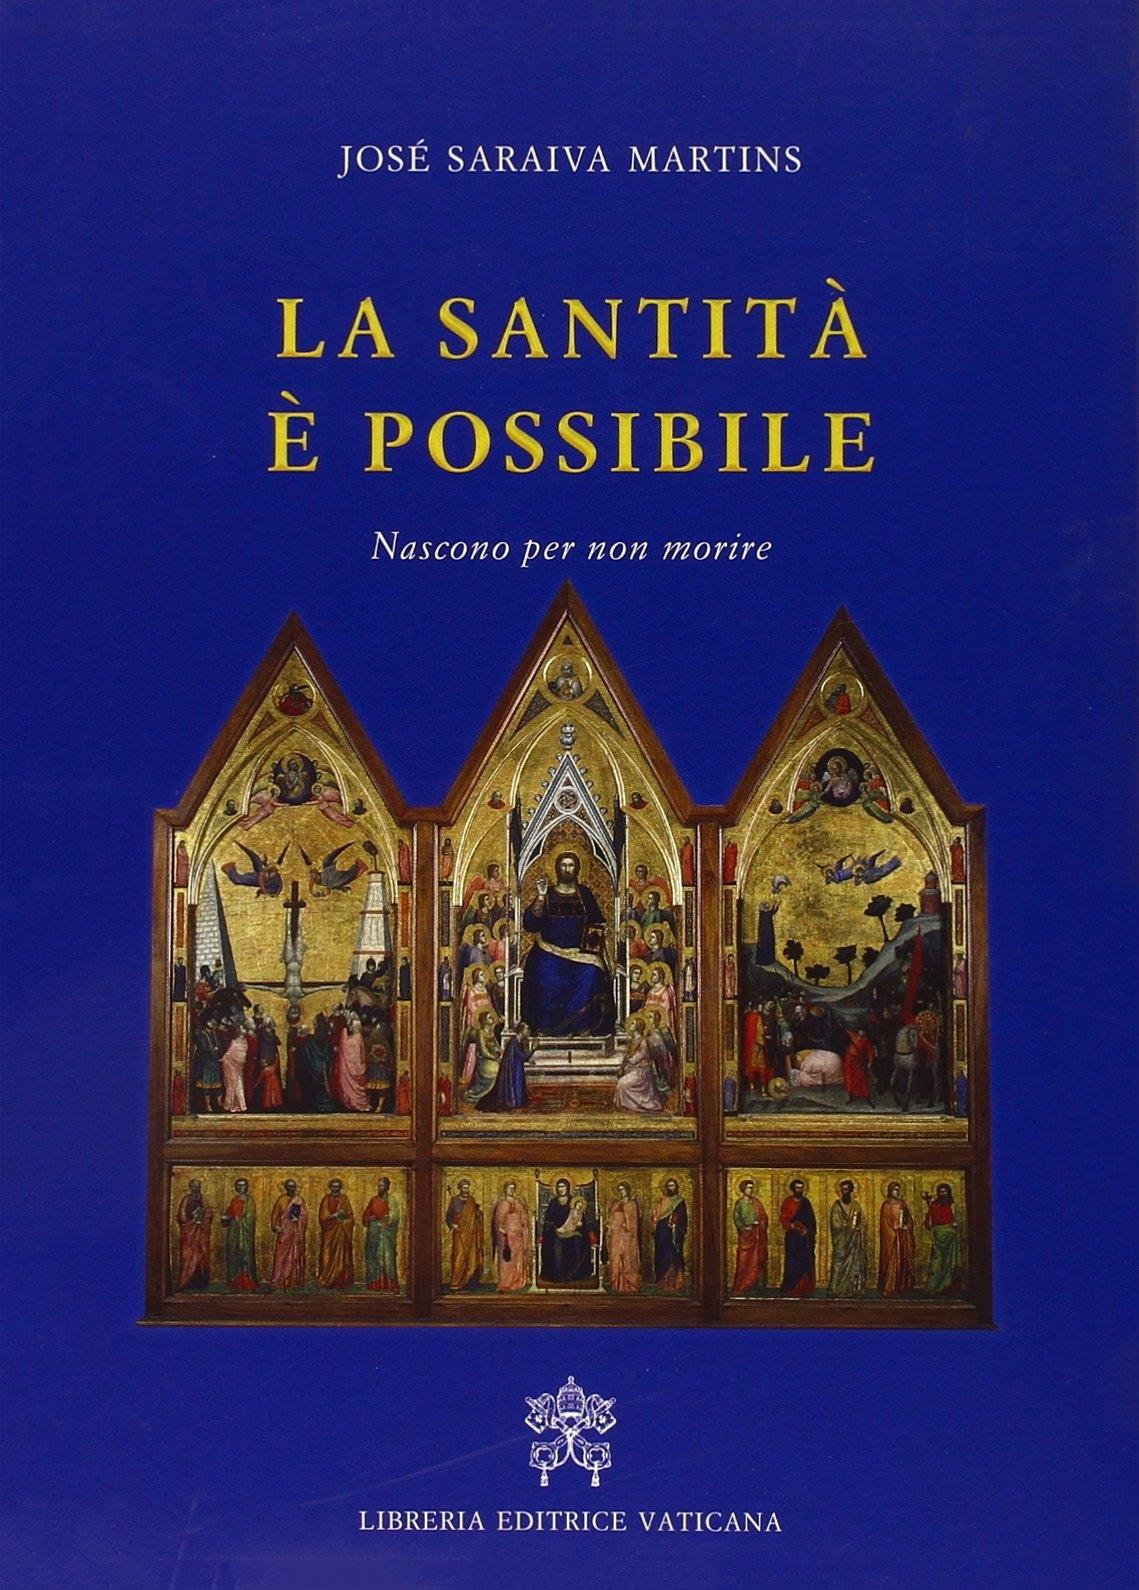 La santità è possibile. Nascono per non morire